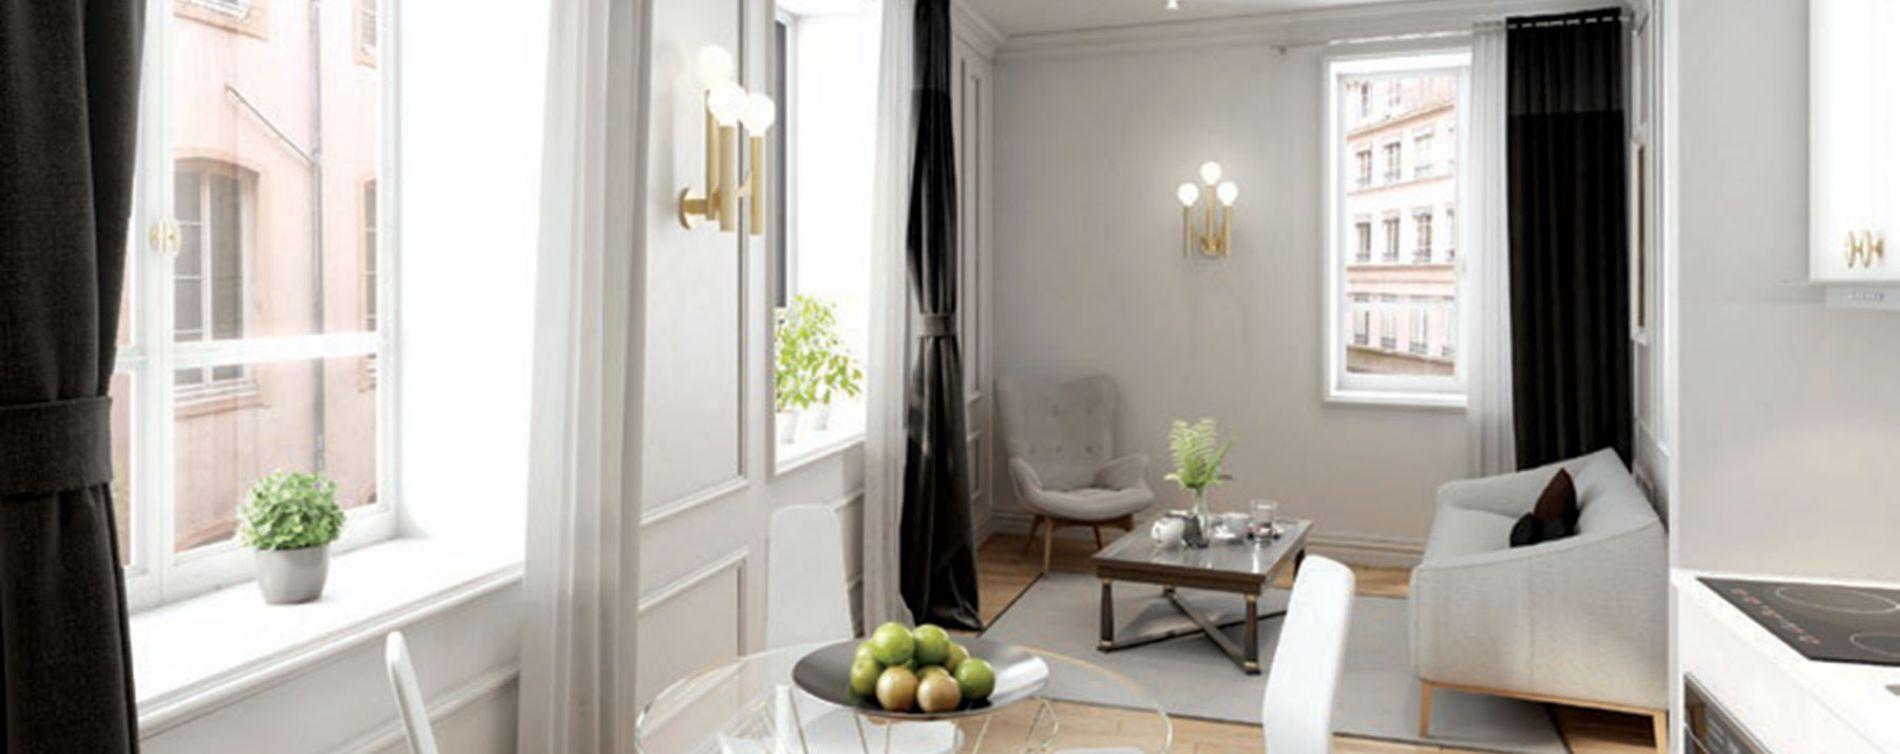 Résidence Rue RomaRIN à Lyon